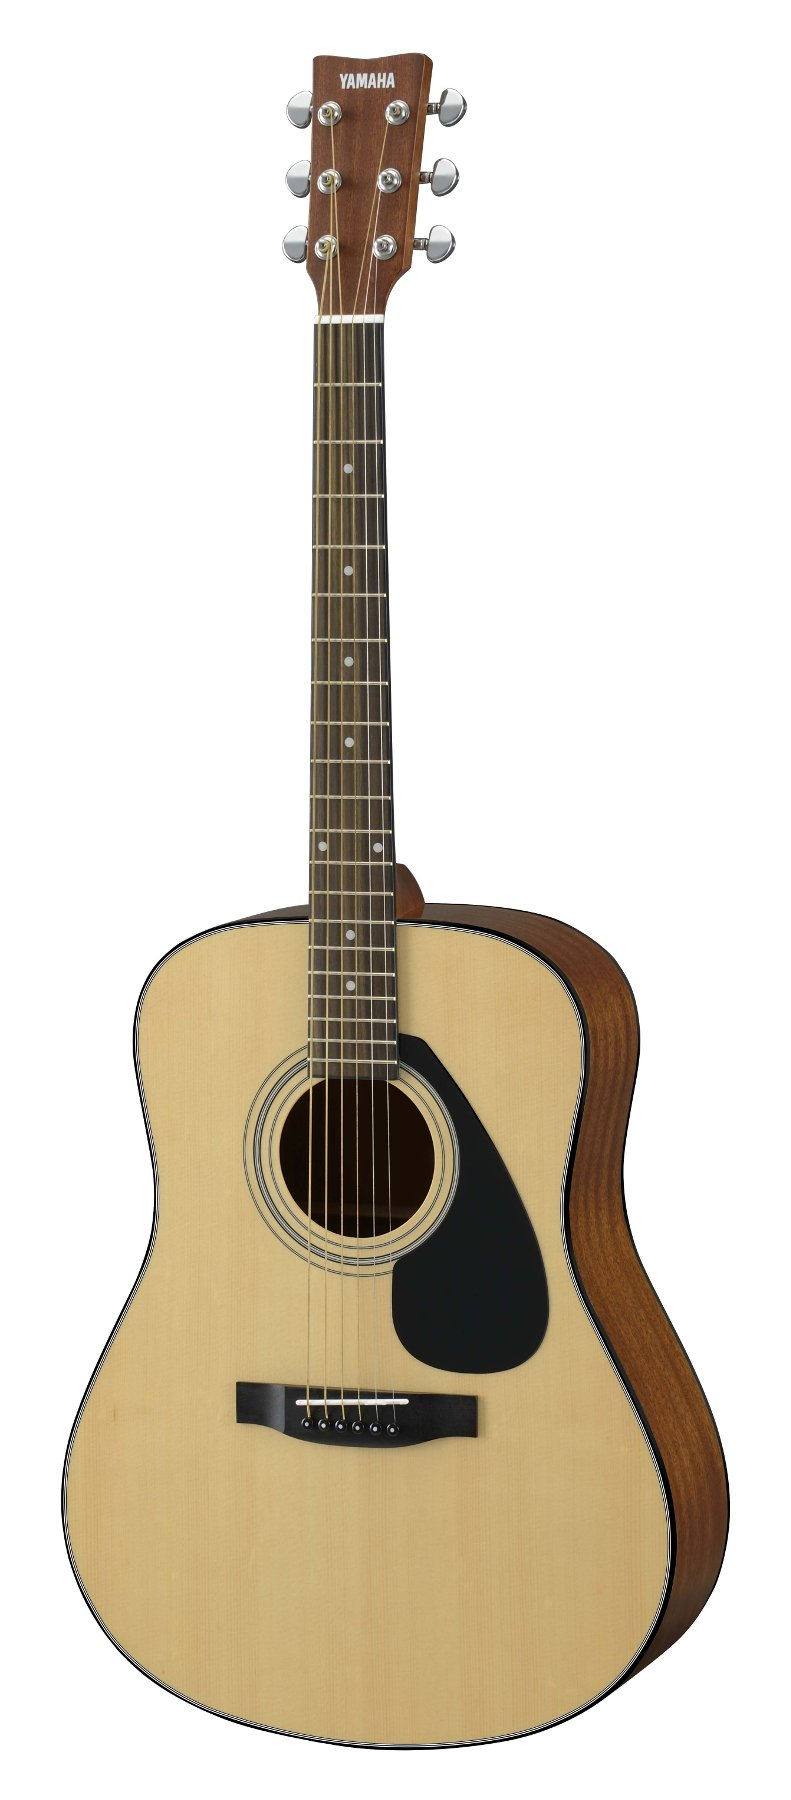 Yamaha f325d acoustic folk guitar full compass for Acoustic yamaha guitar